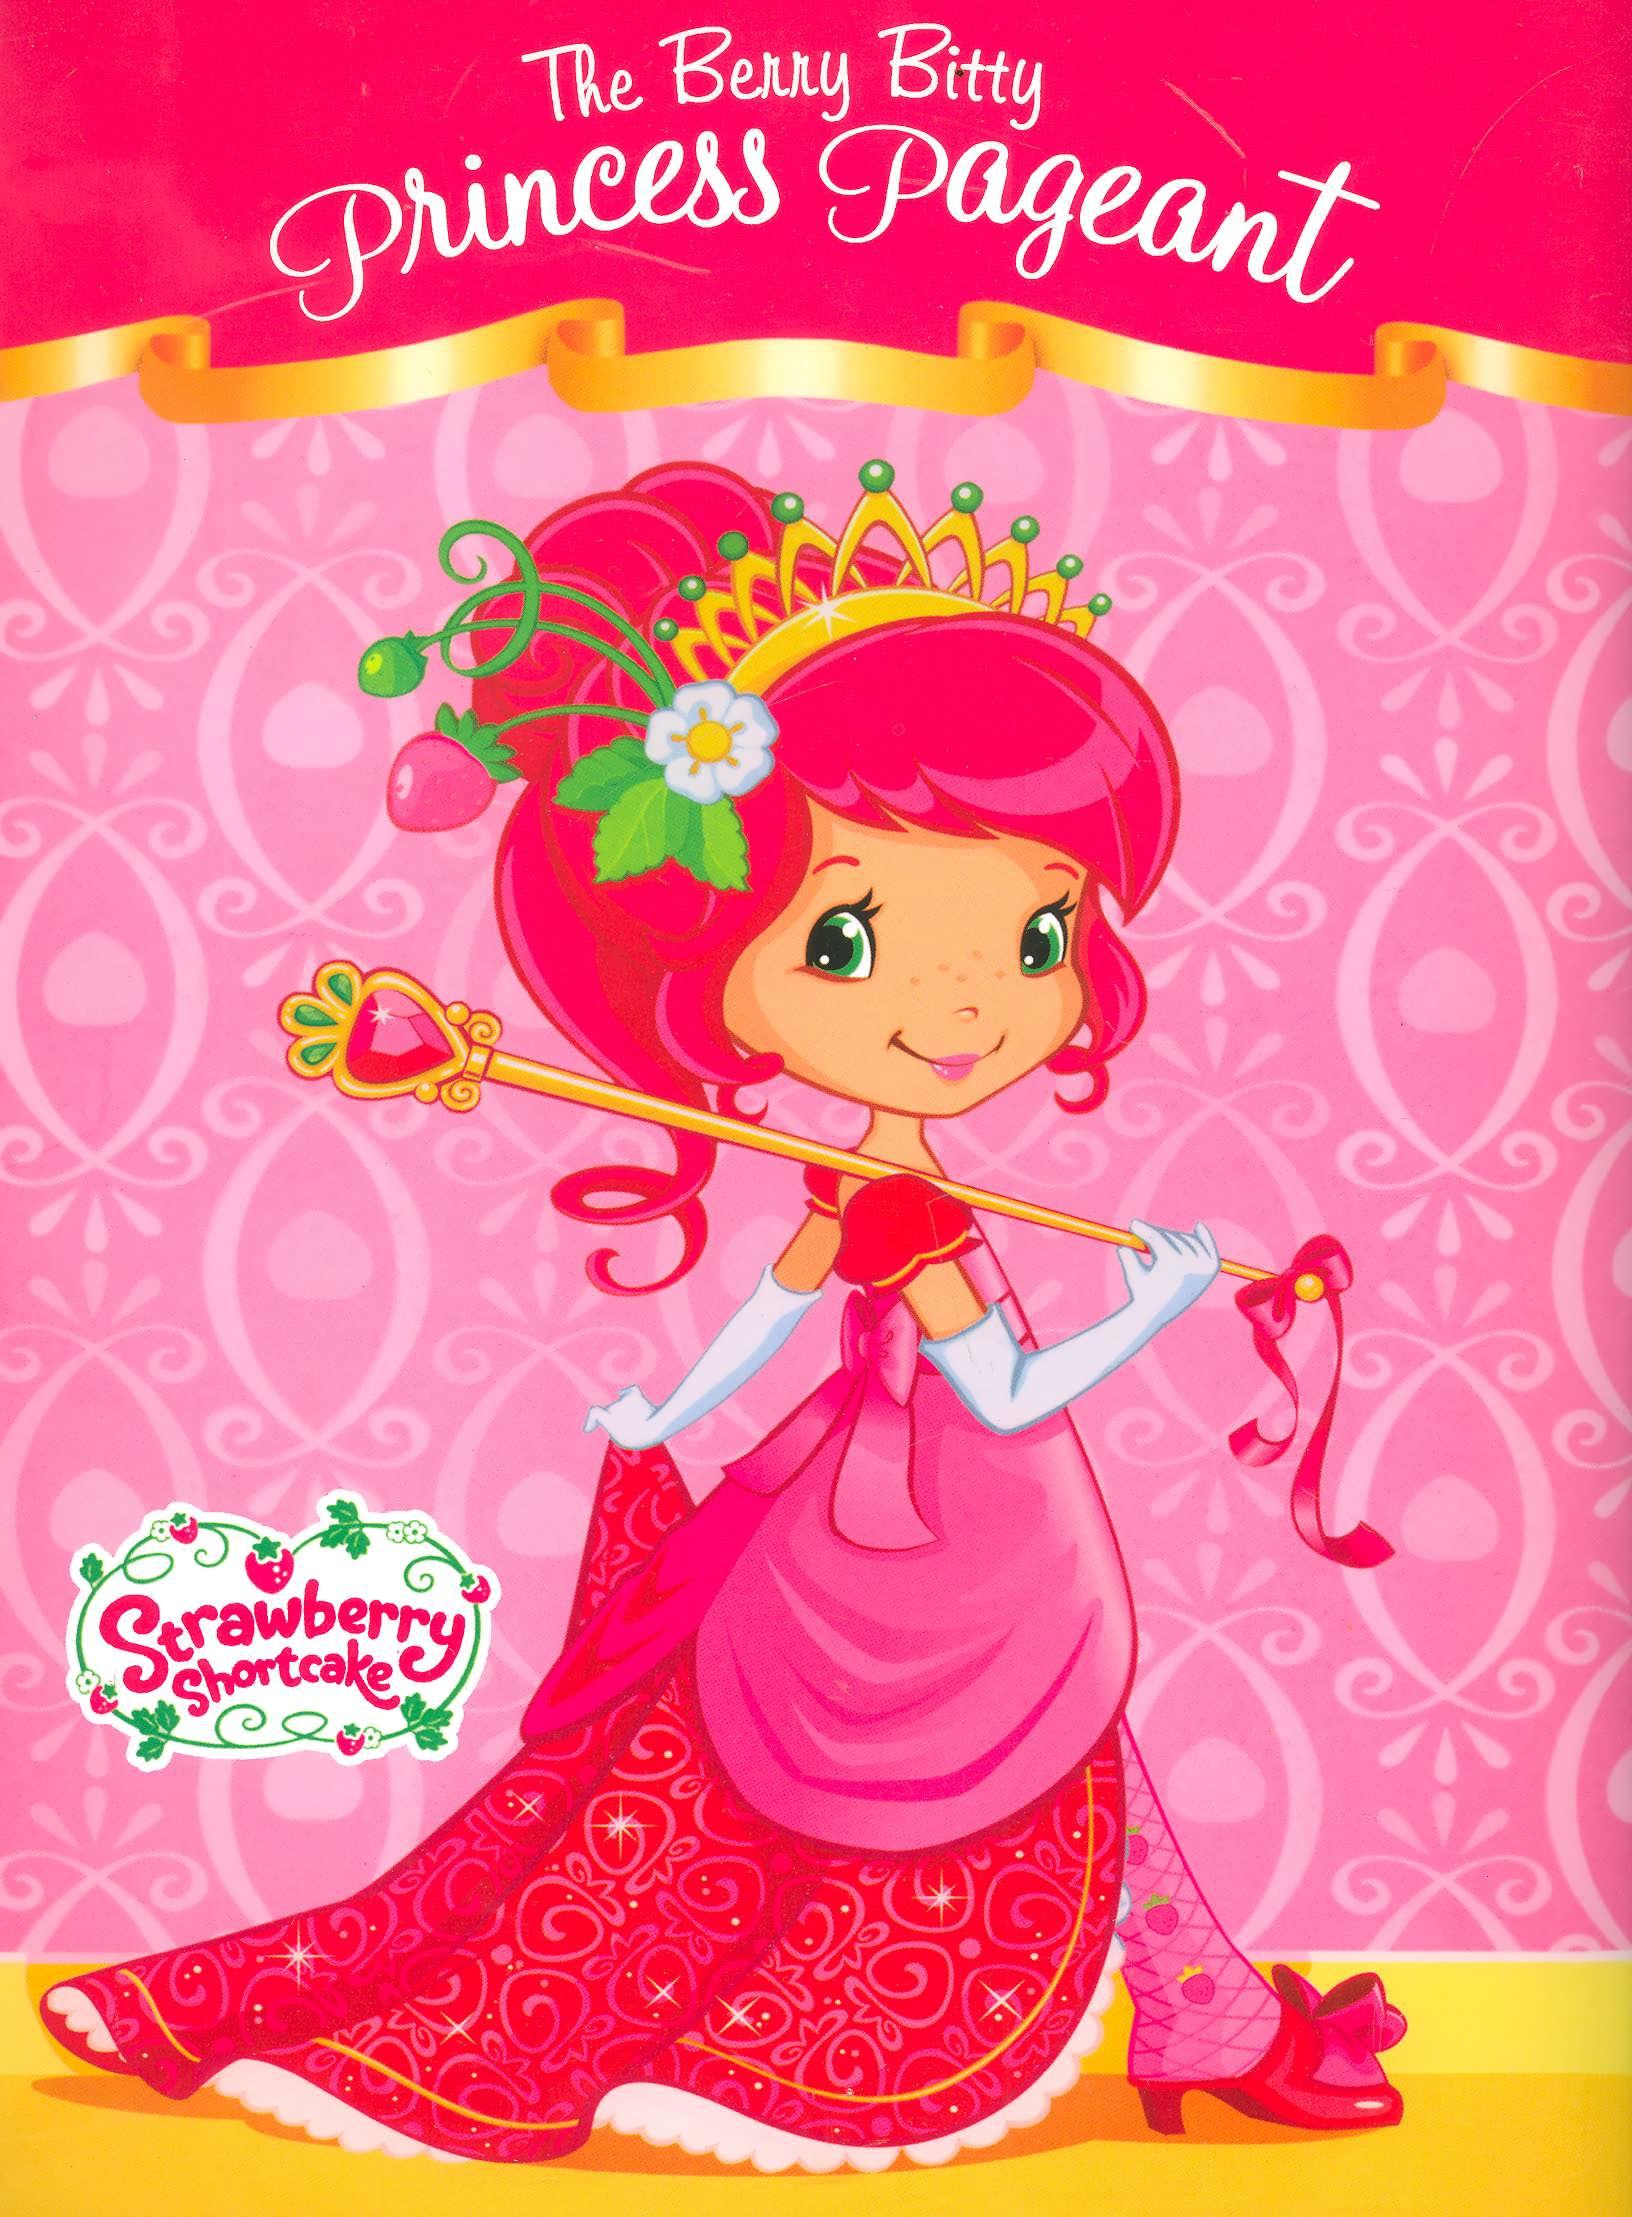 دفتر نقاشی و رنگ آمیزی جشن پرنسسهای زیبا (کد 1)